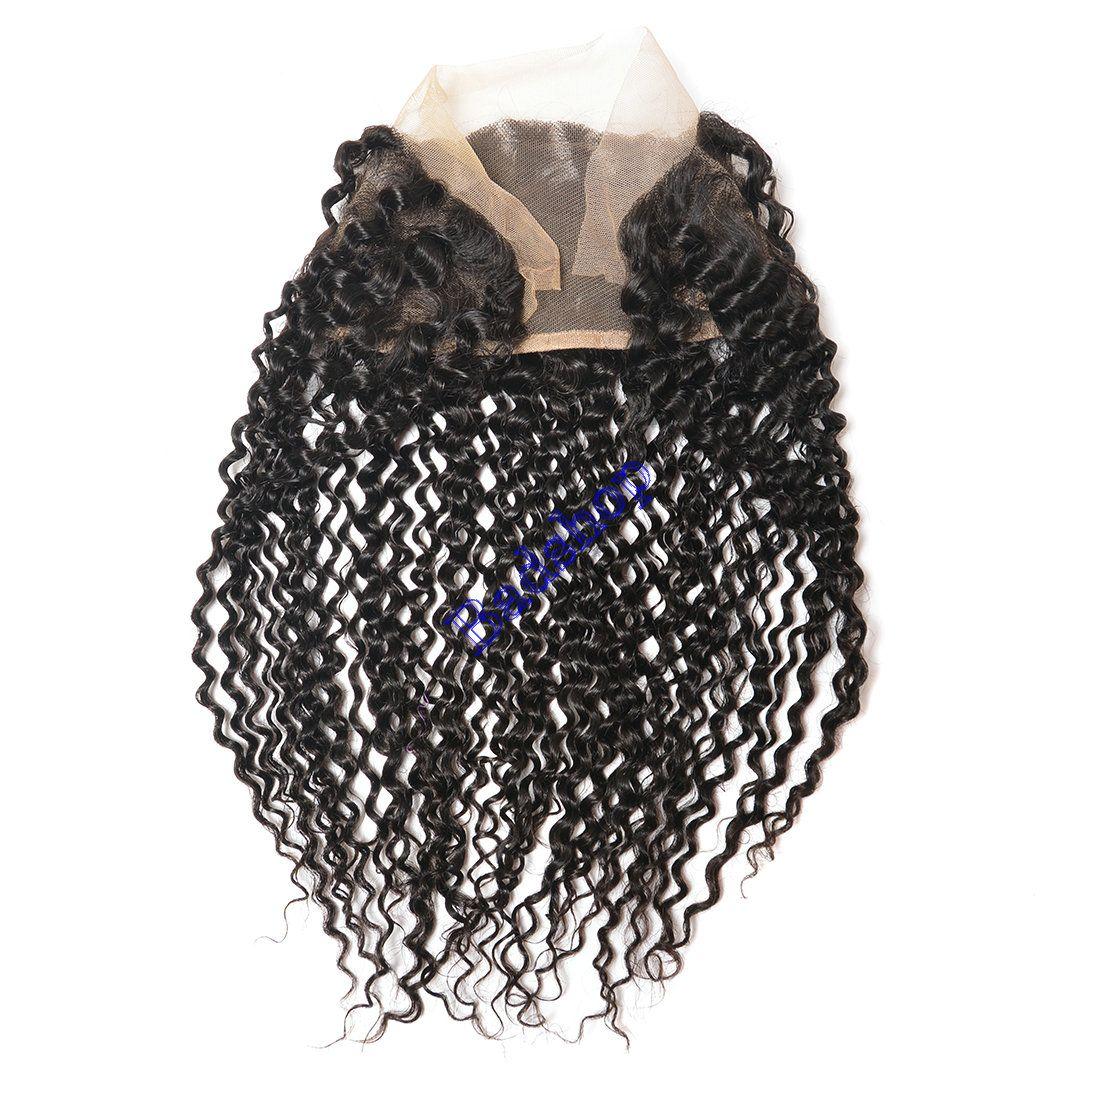 Монгольские Kinky курчавые пучки волос с кружева фронтальная закрытие бразильского Виргинские человеческих волос 3 расслоения с фронтальная закрытие 13x4 уха до уха